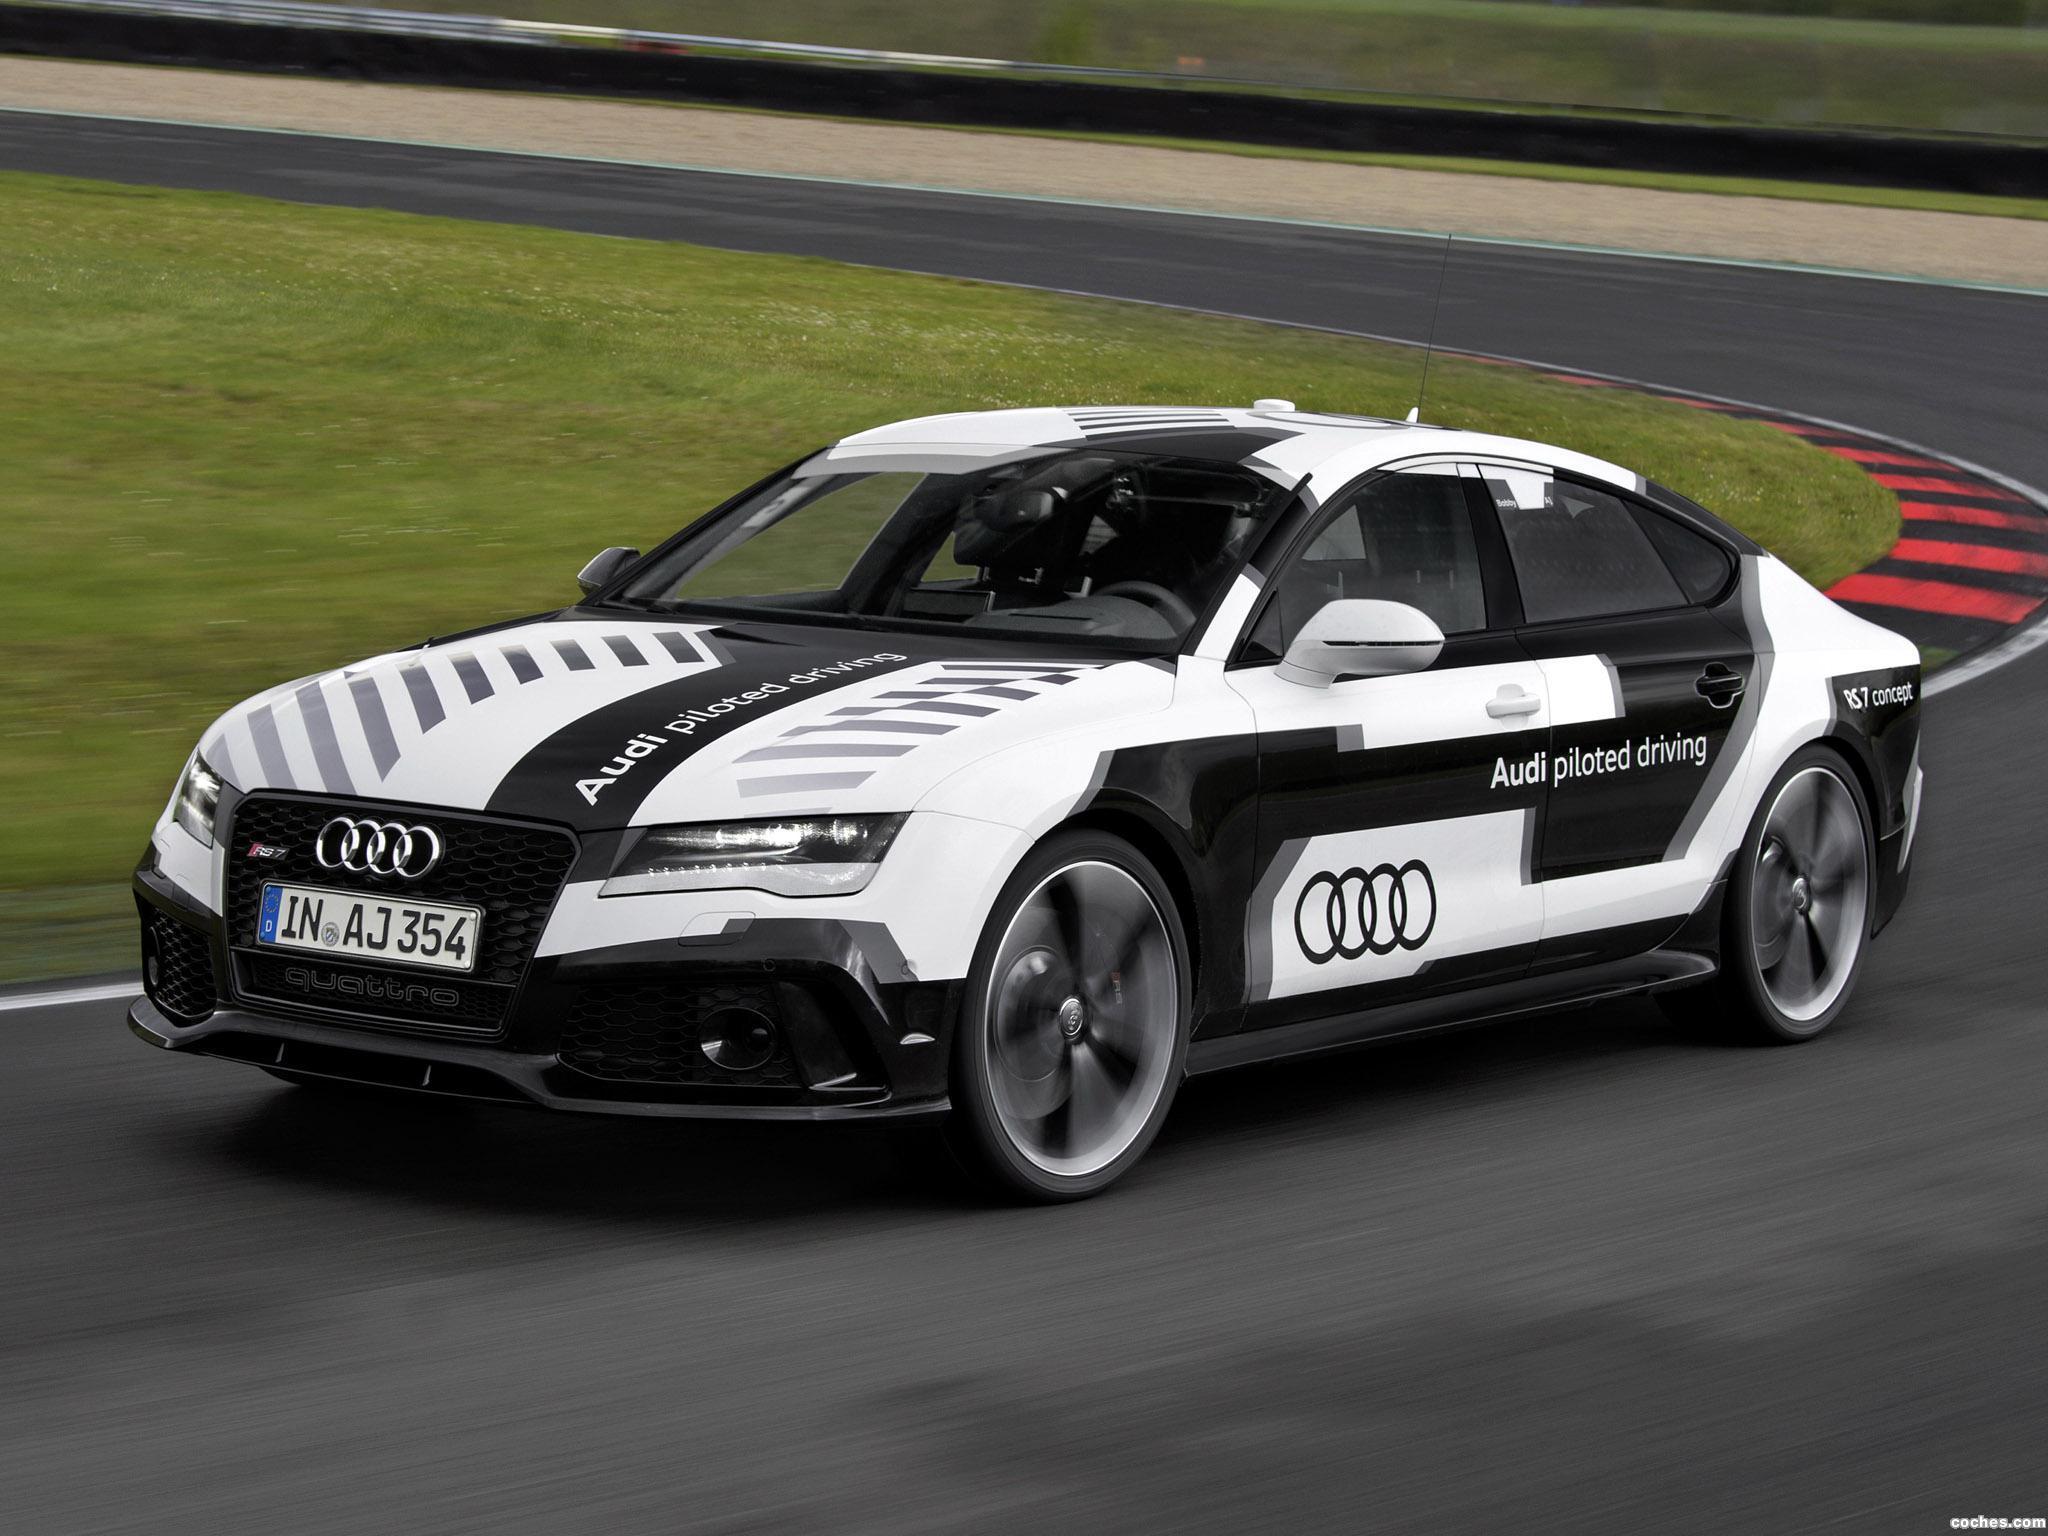 Foto 5 de Audi RS7 Piloted Driving Concept 2014